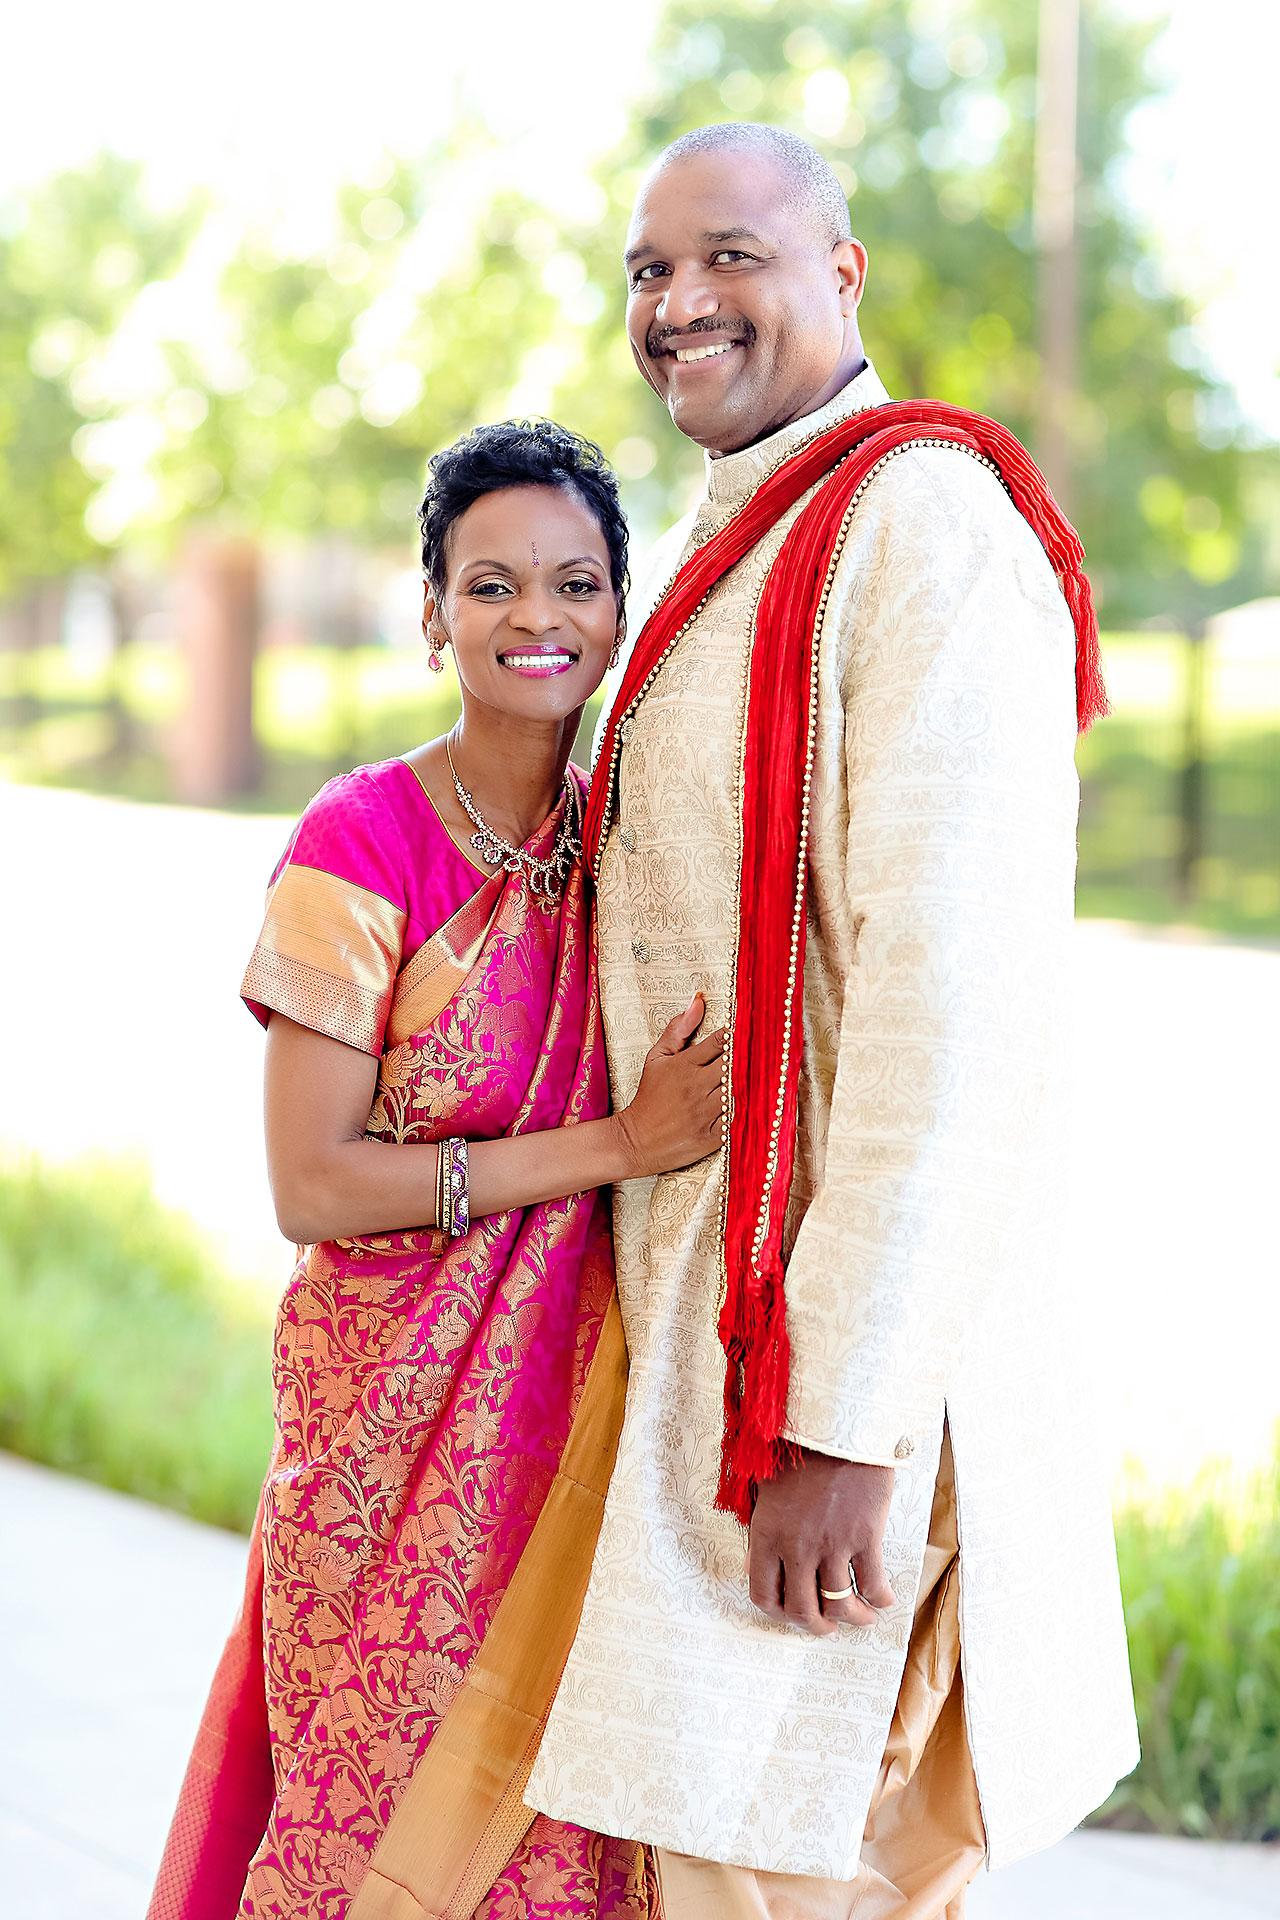 Joie Nikhil JW Marriott Indian Wedding 072